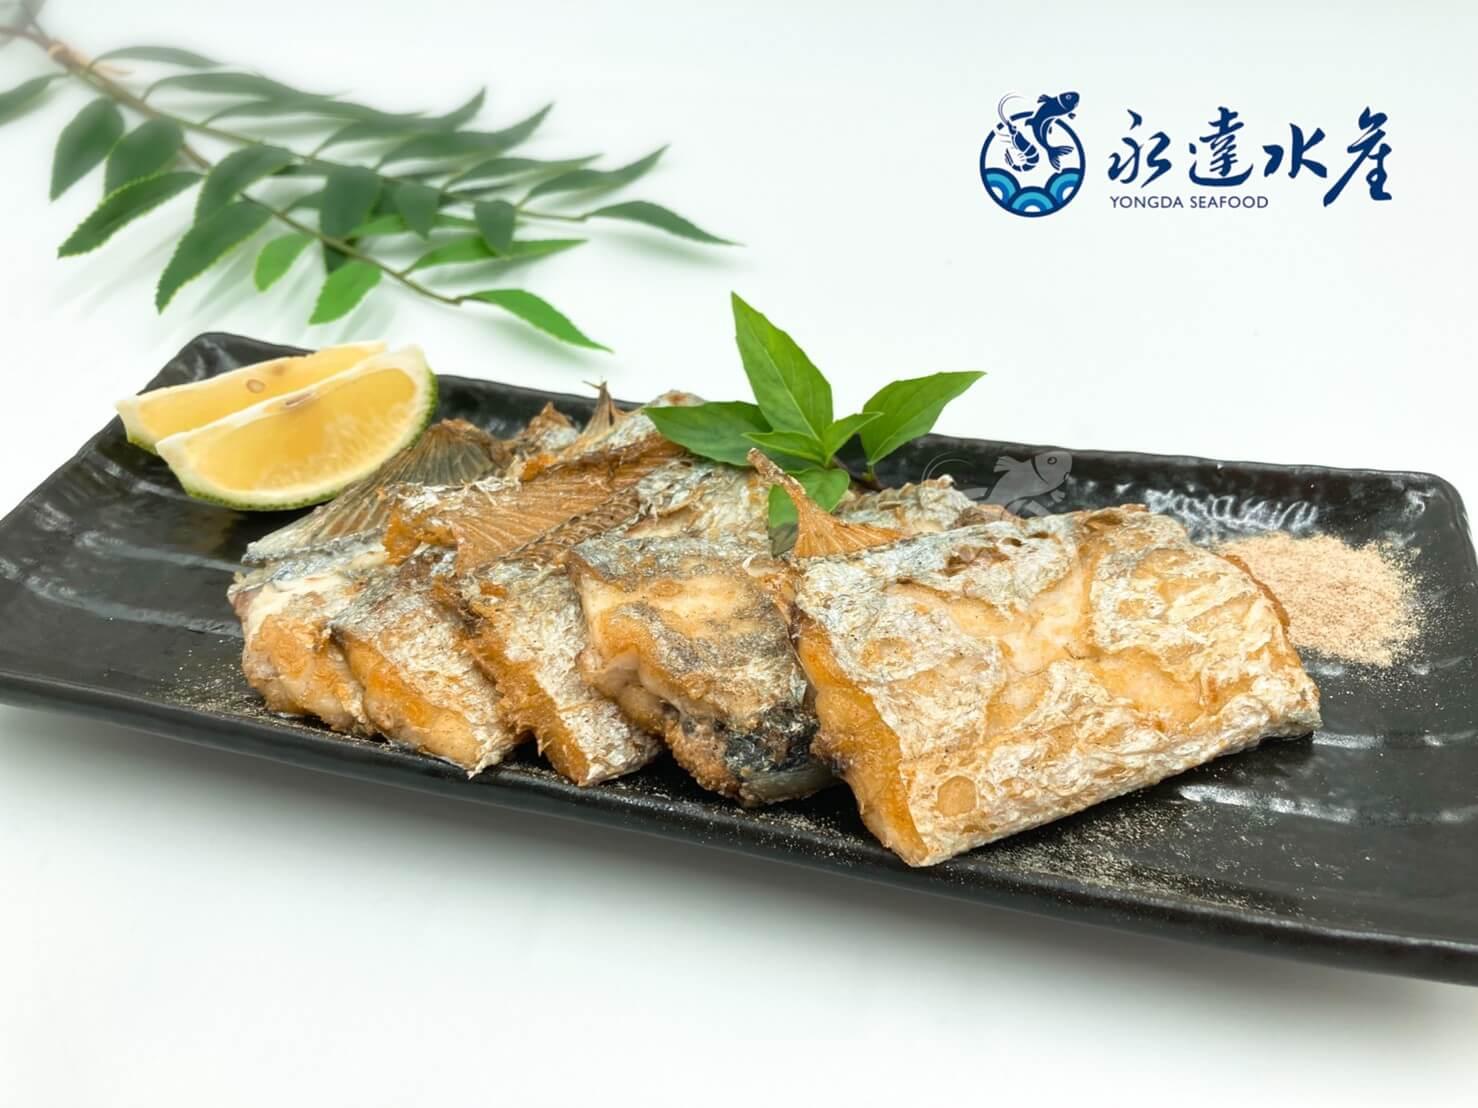 水產|海鮮|船釣帶魚切塊|白帶魚|帶魚|魚肉|魚|魚片|魚排|魚塊